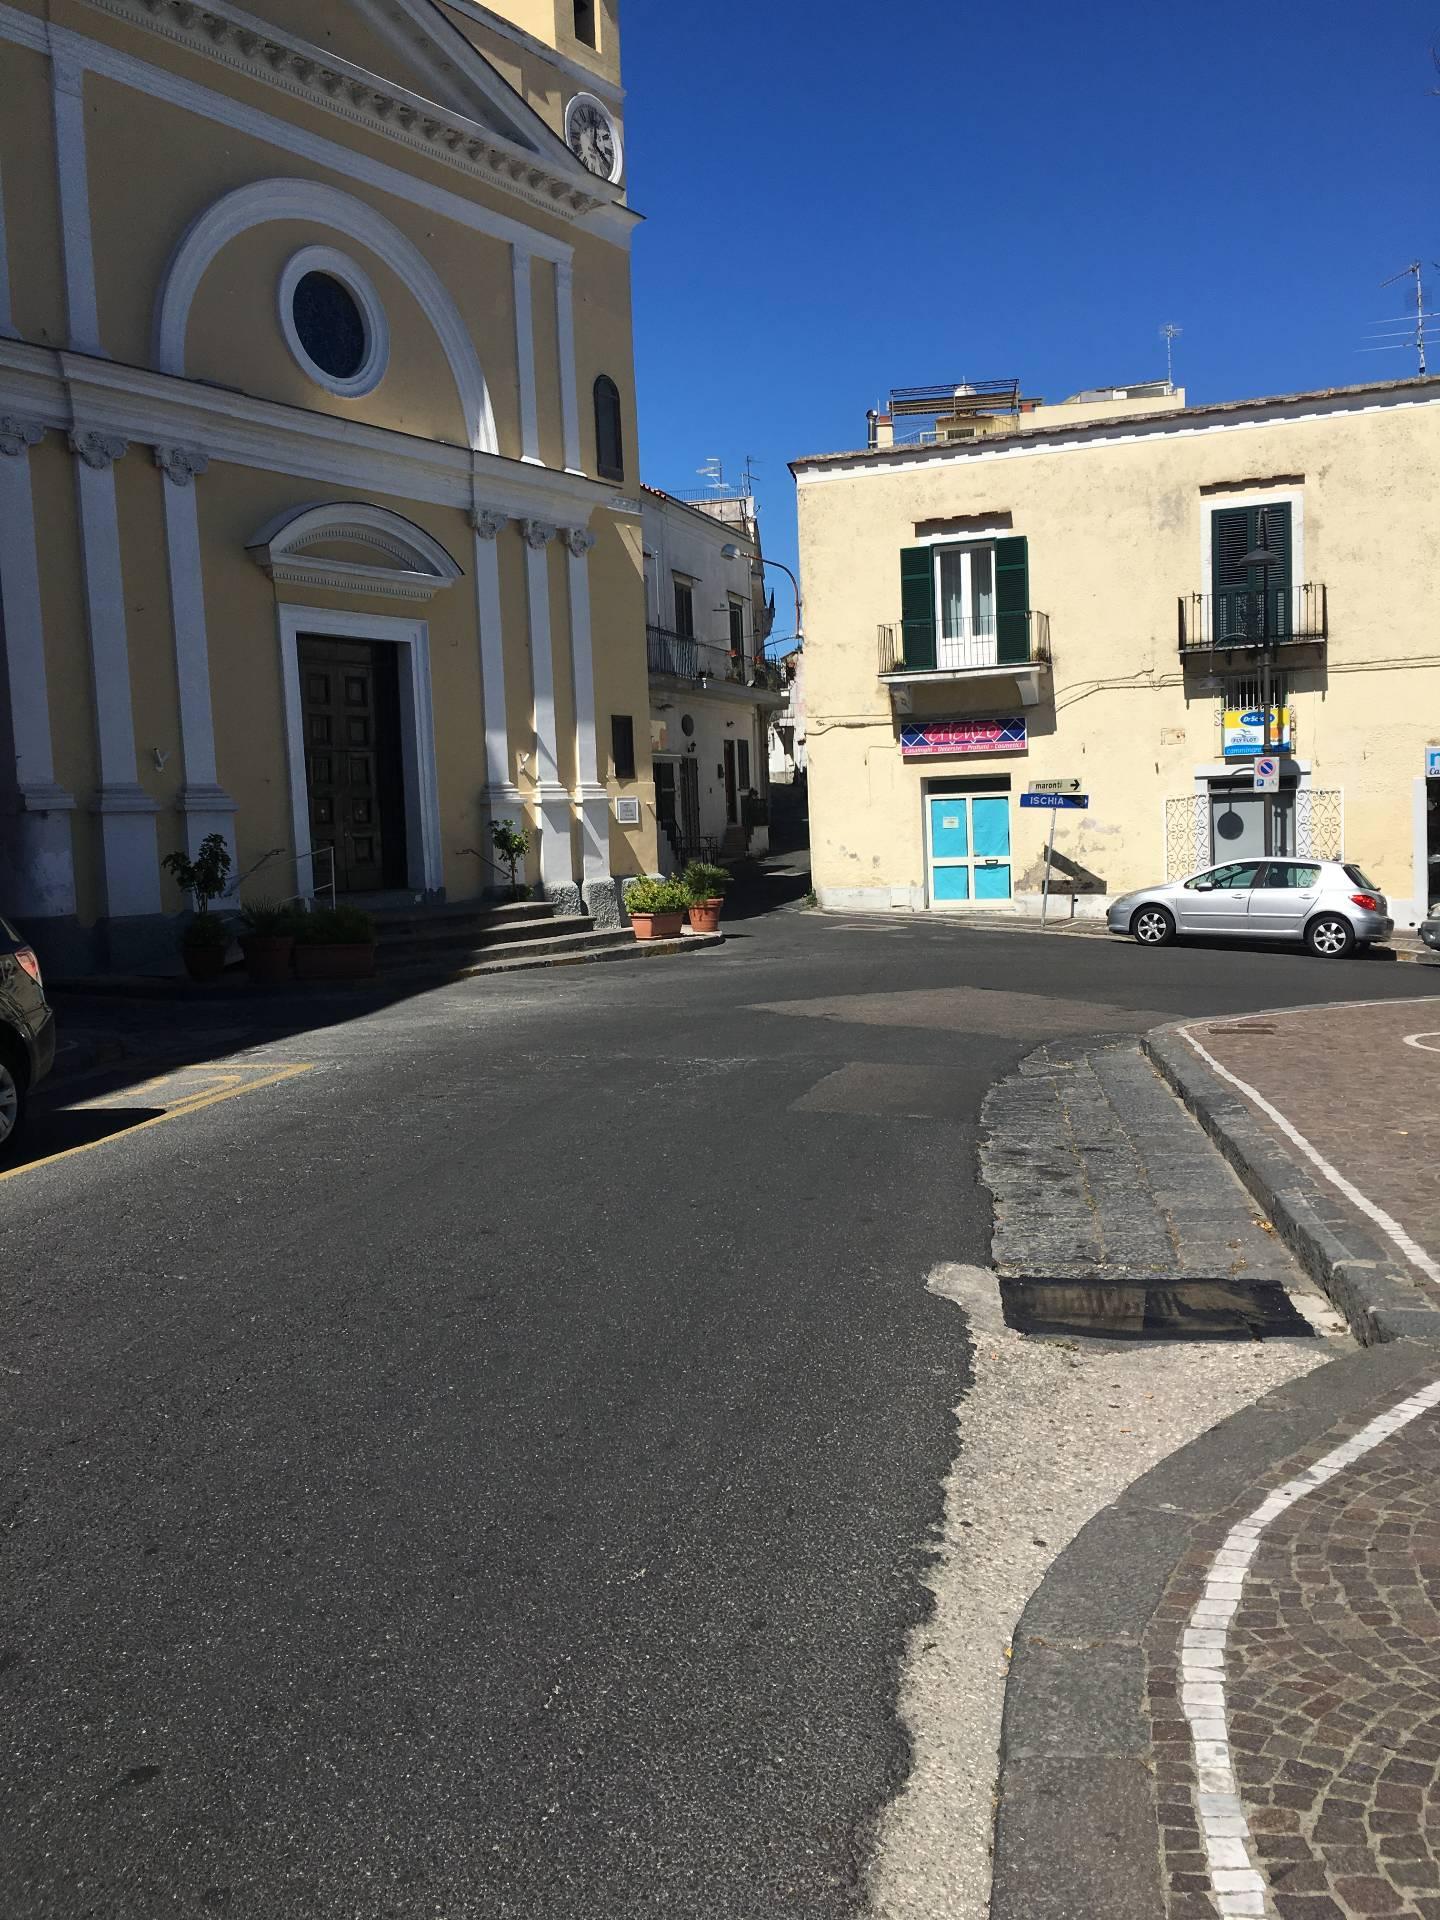 Negozio / Locale in vendita a Barano d'Ischia, 9999 locali, zona Località: Baranocentro, prezzo € 180.000 | CambioCasa.it